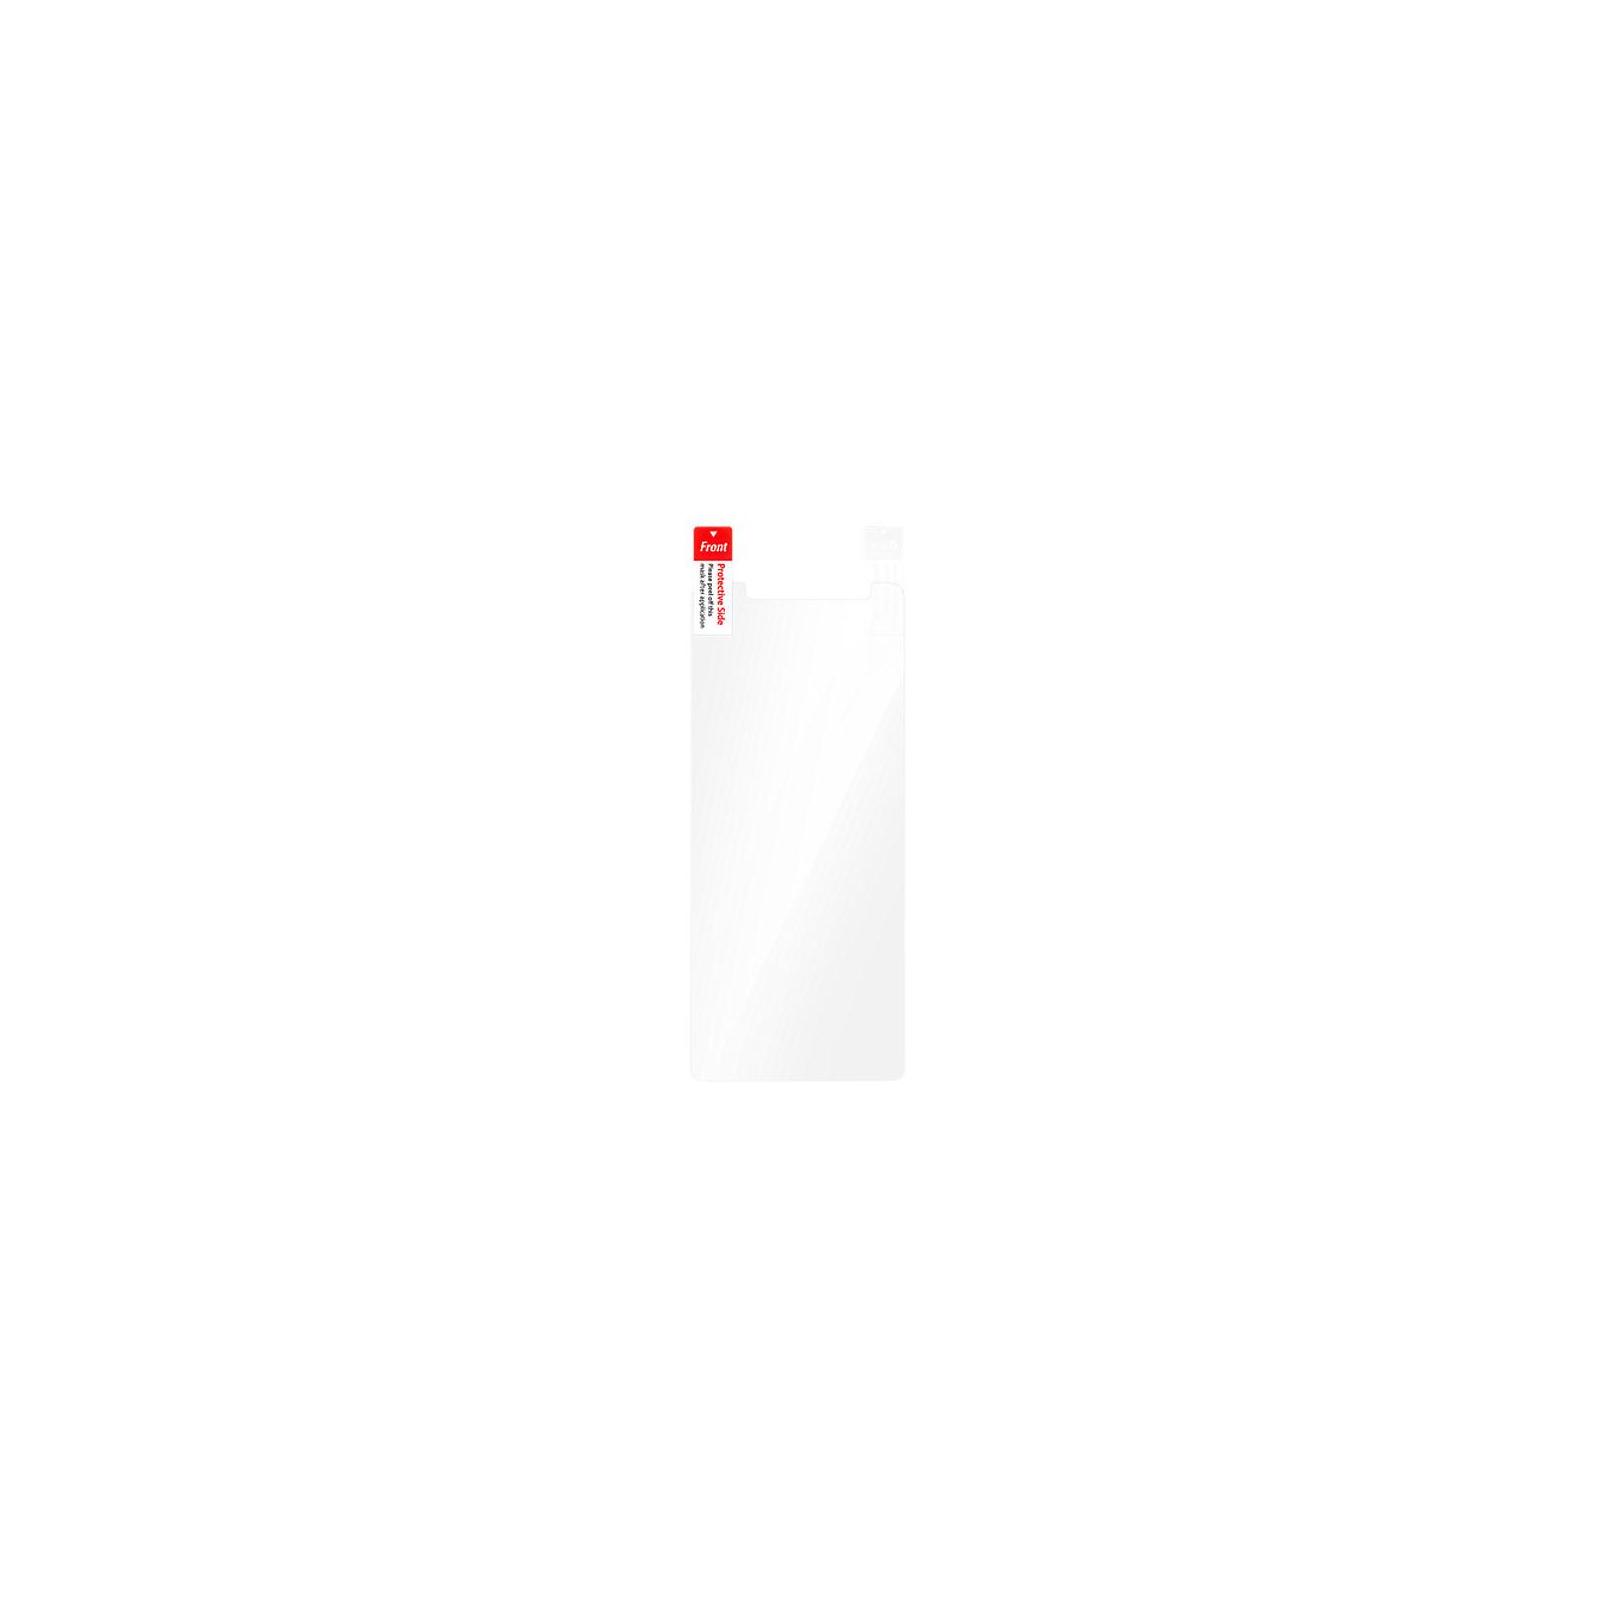 Пленка защитная Samsung Galaxy A8 2018 (A530) Clear (GP-A530WSEFAAA) изображение 2